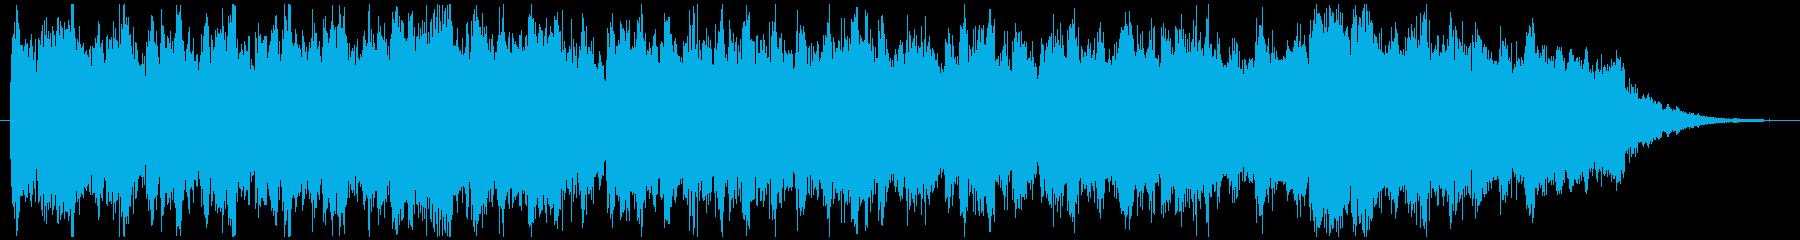 シンセサイザー系音色の約30秒のBGMの再生済みの波形